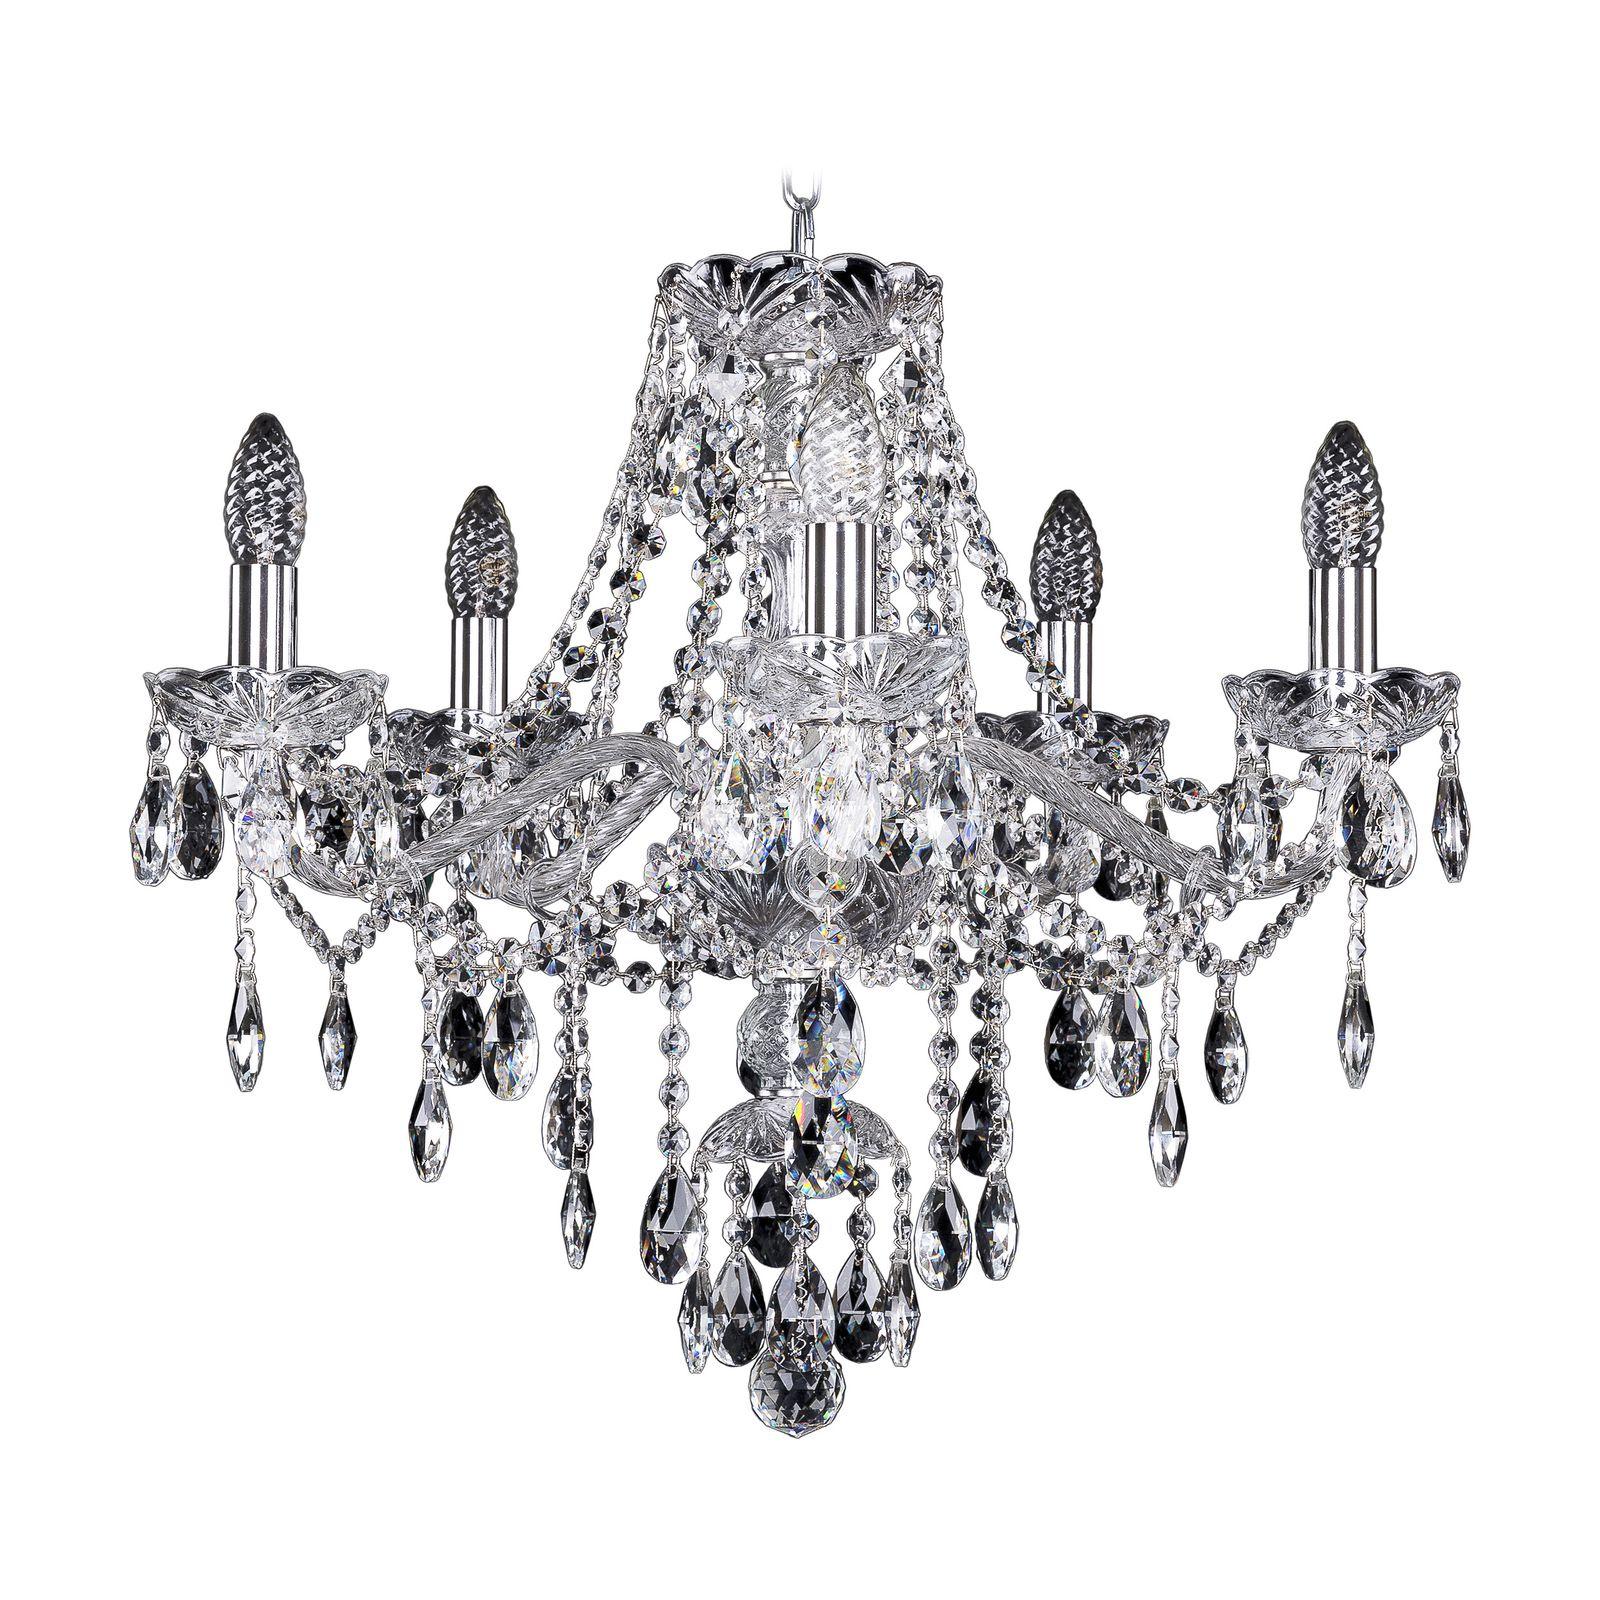 Потолочный светильник Bohemia Ivele Crystal 1415/5/200 Ni, E14, 40 Вт недорого